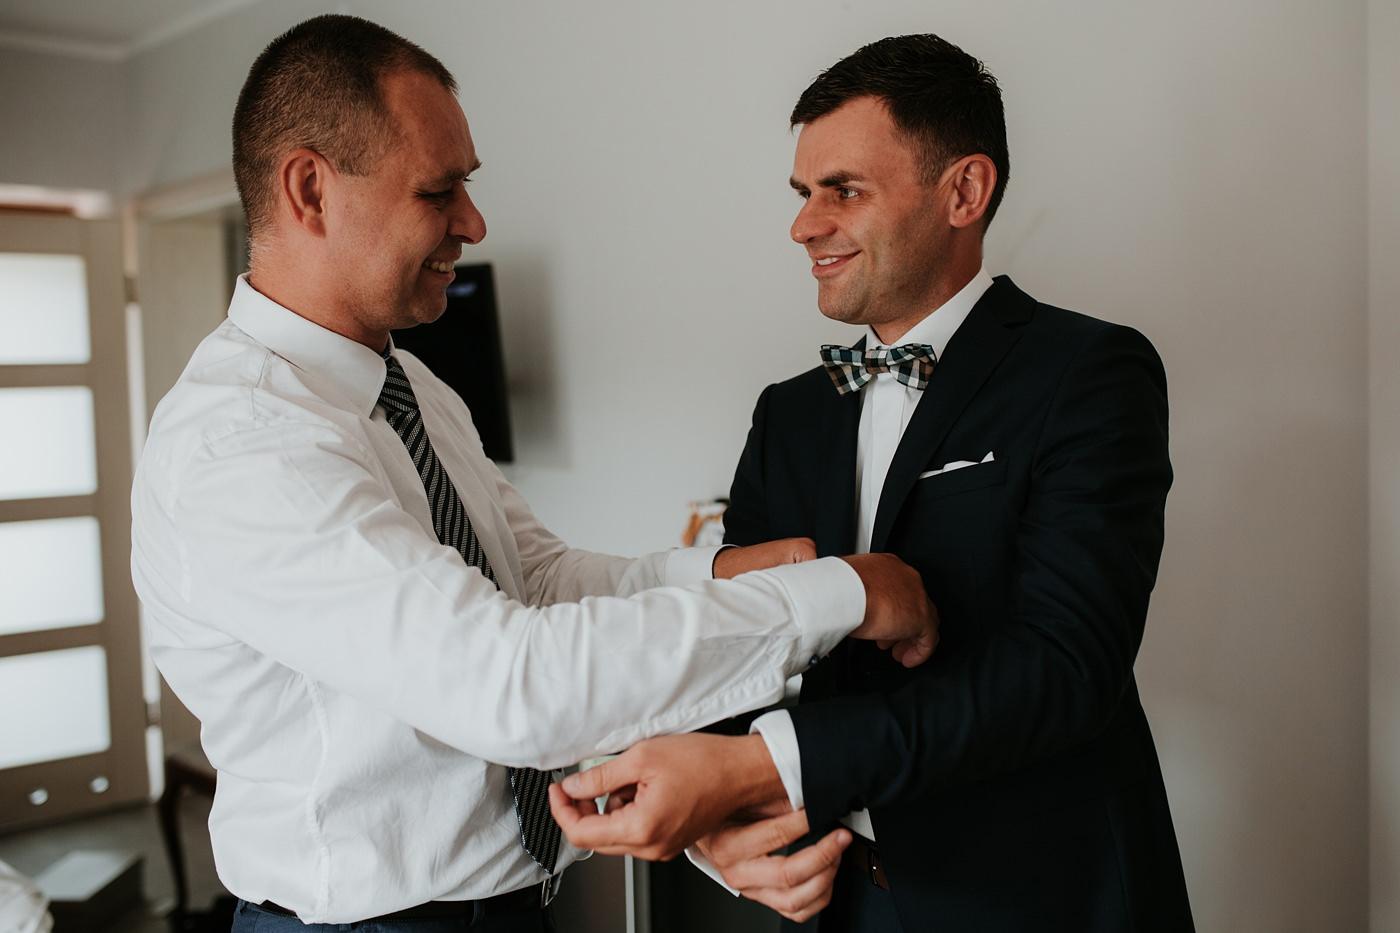 Anna & Wojtek - Ślub cywilny w plenerze - Barnówko w Sam Las 17